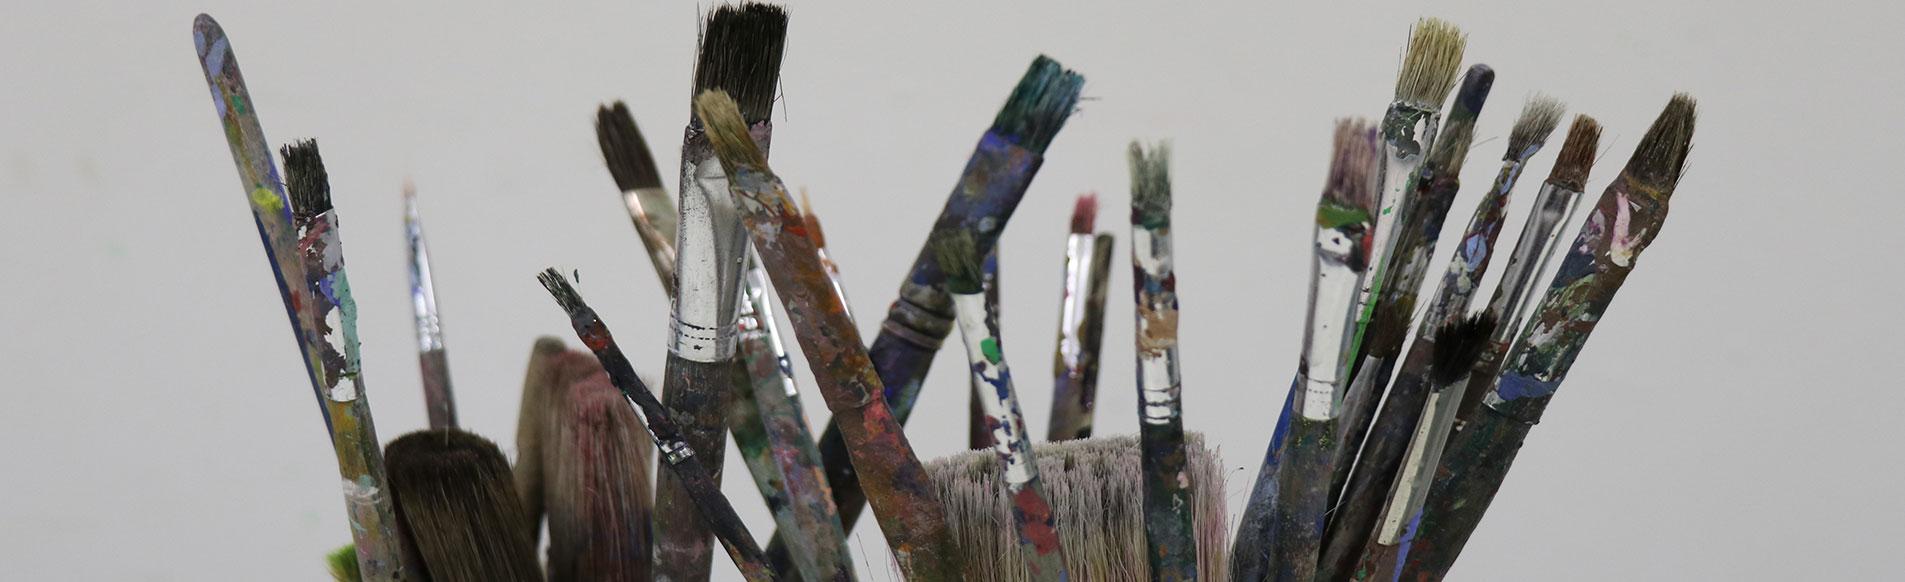 Acrylmalerei mit Staffelei und Leinwand